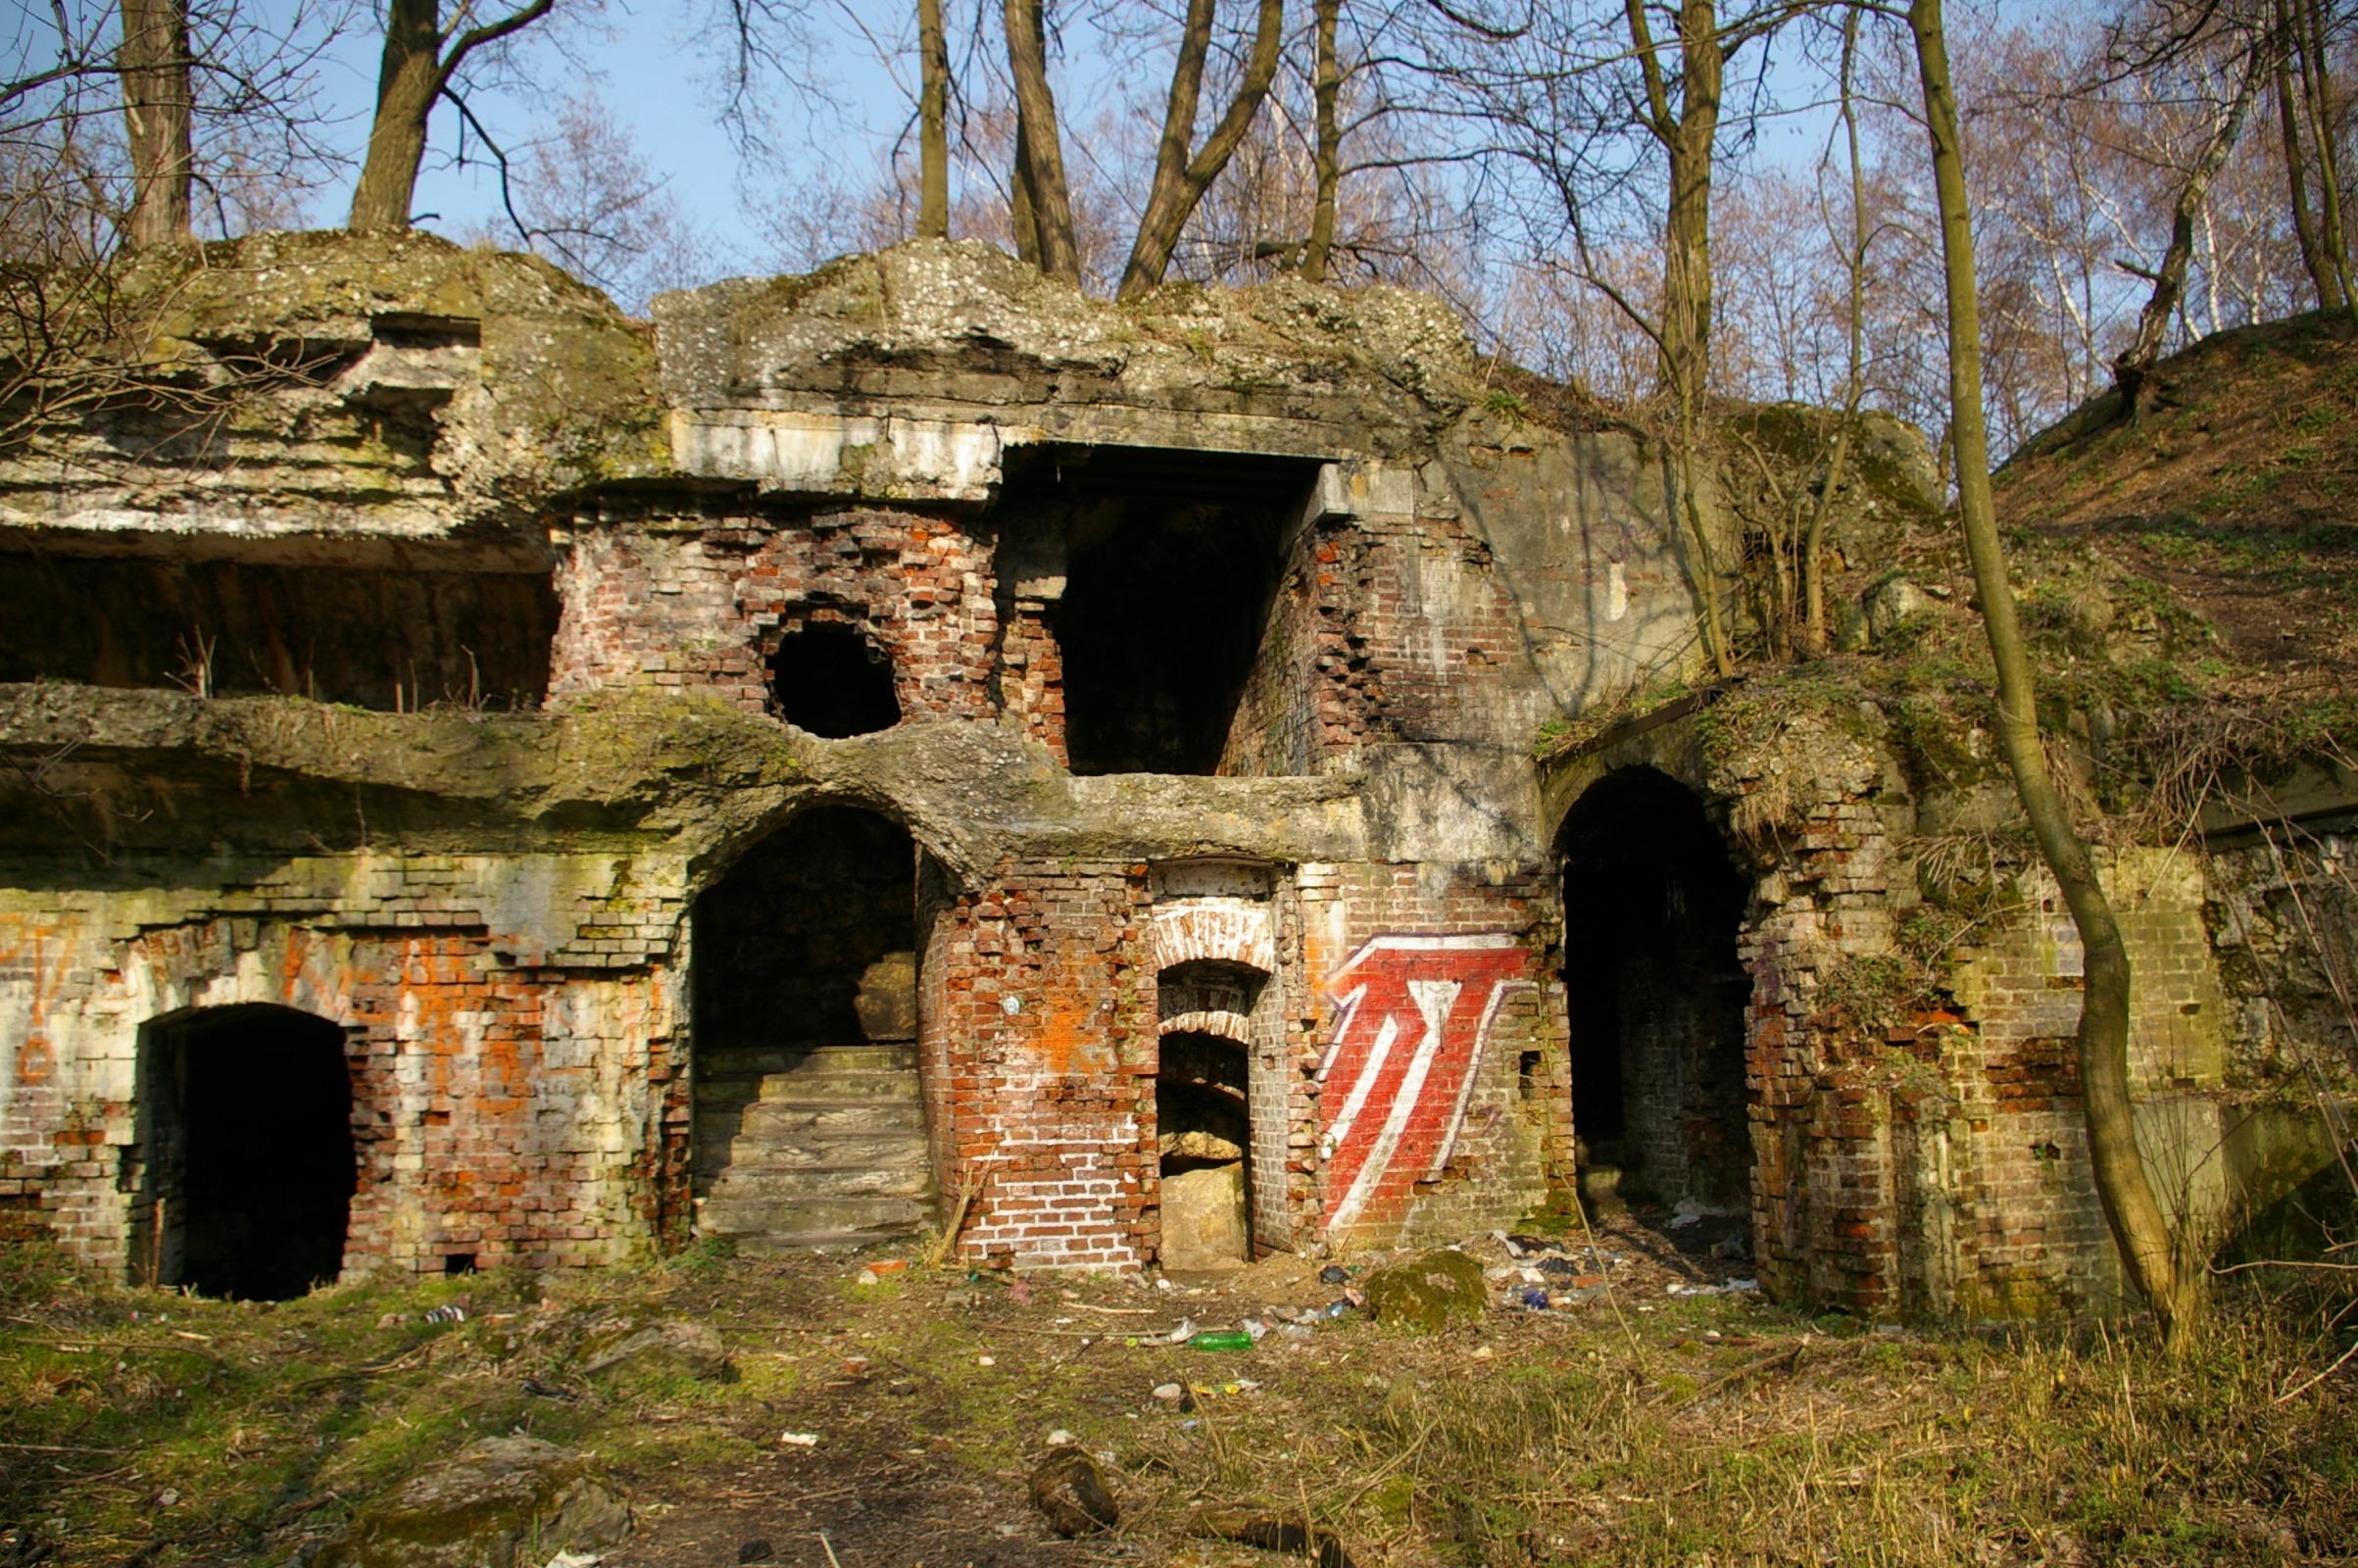 File:Krakow Fort Sudol 20080309 1413 2662.jpg